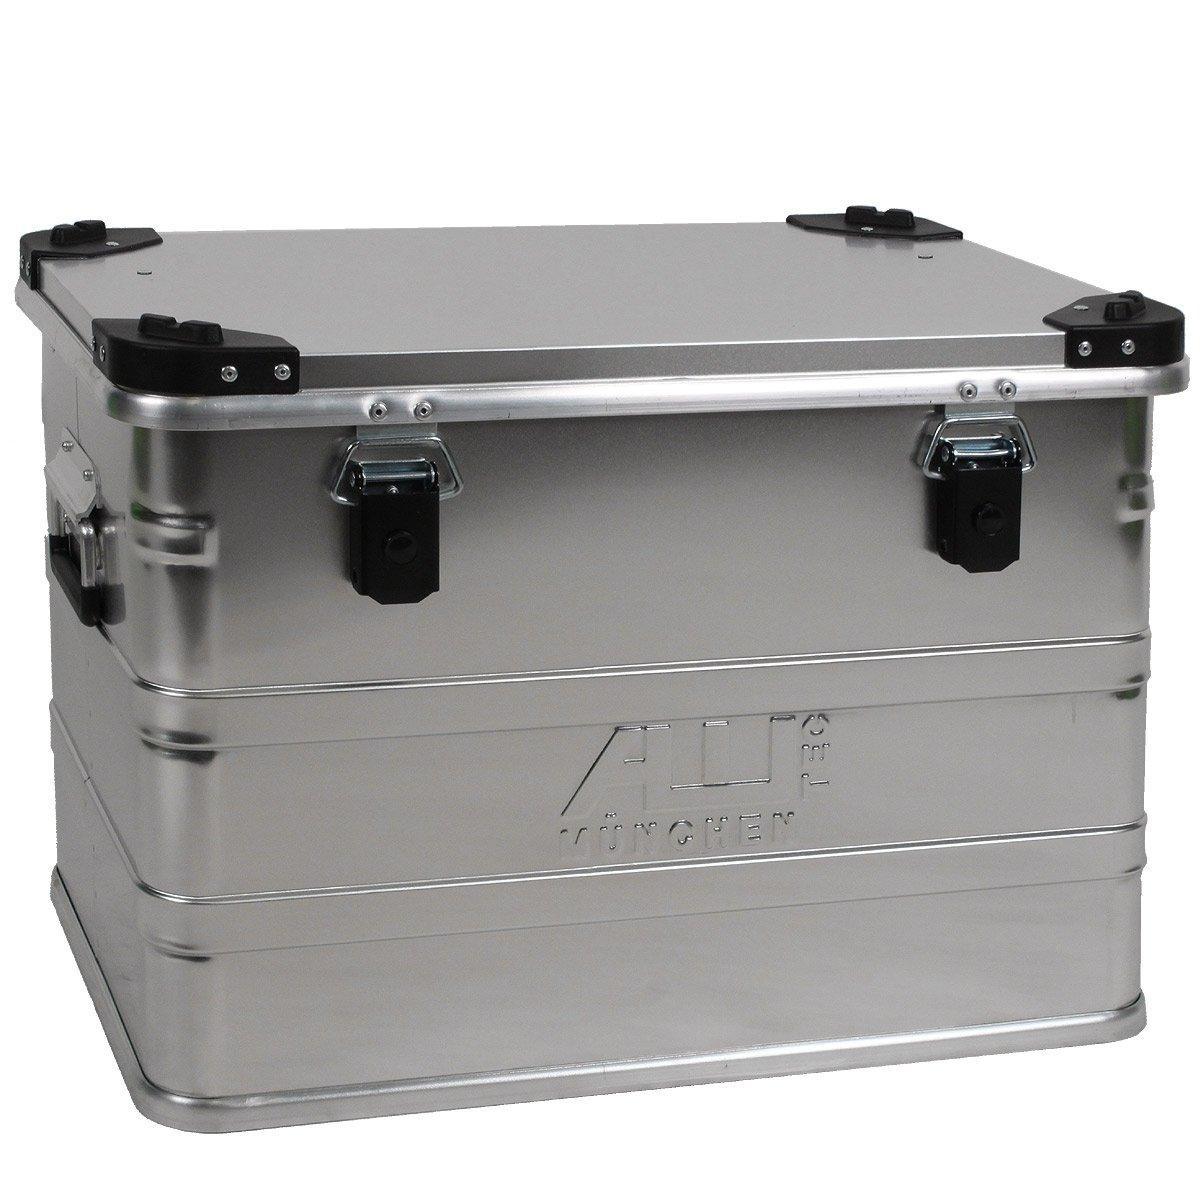 Alukoffer Alubox Lagerbox Alukiste Kiste 76 Liter  D76 1,0 mm starkes Aluminium  BaumarktKundenbewertung und Beschreibung